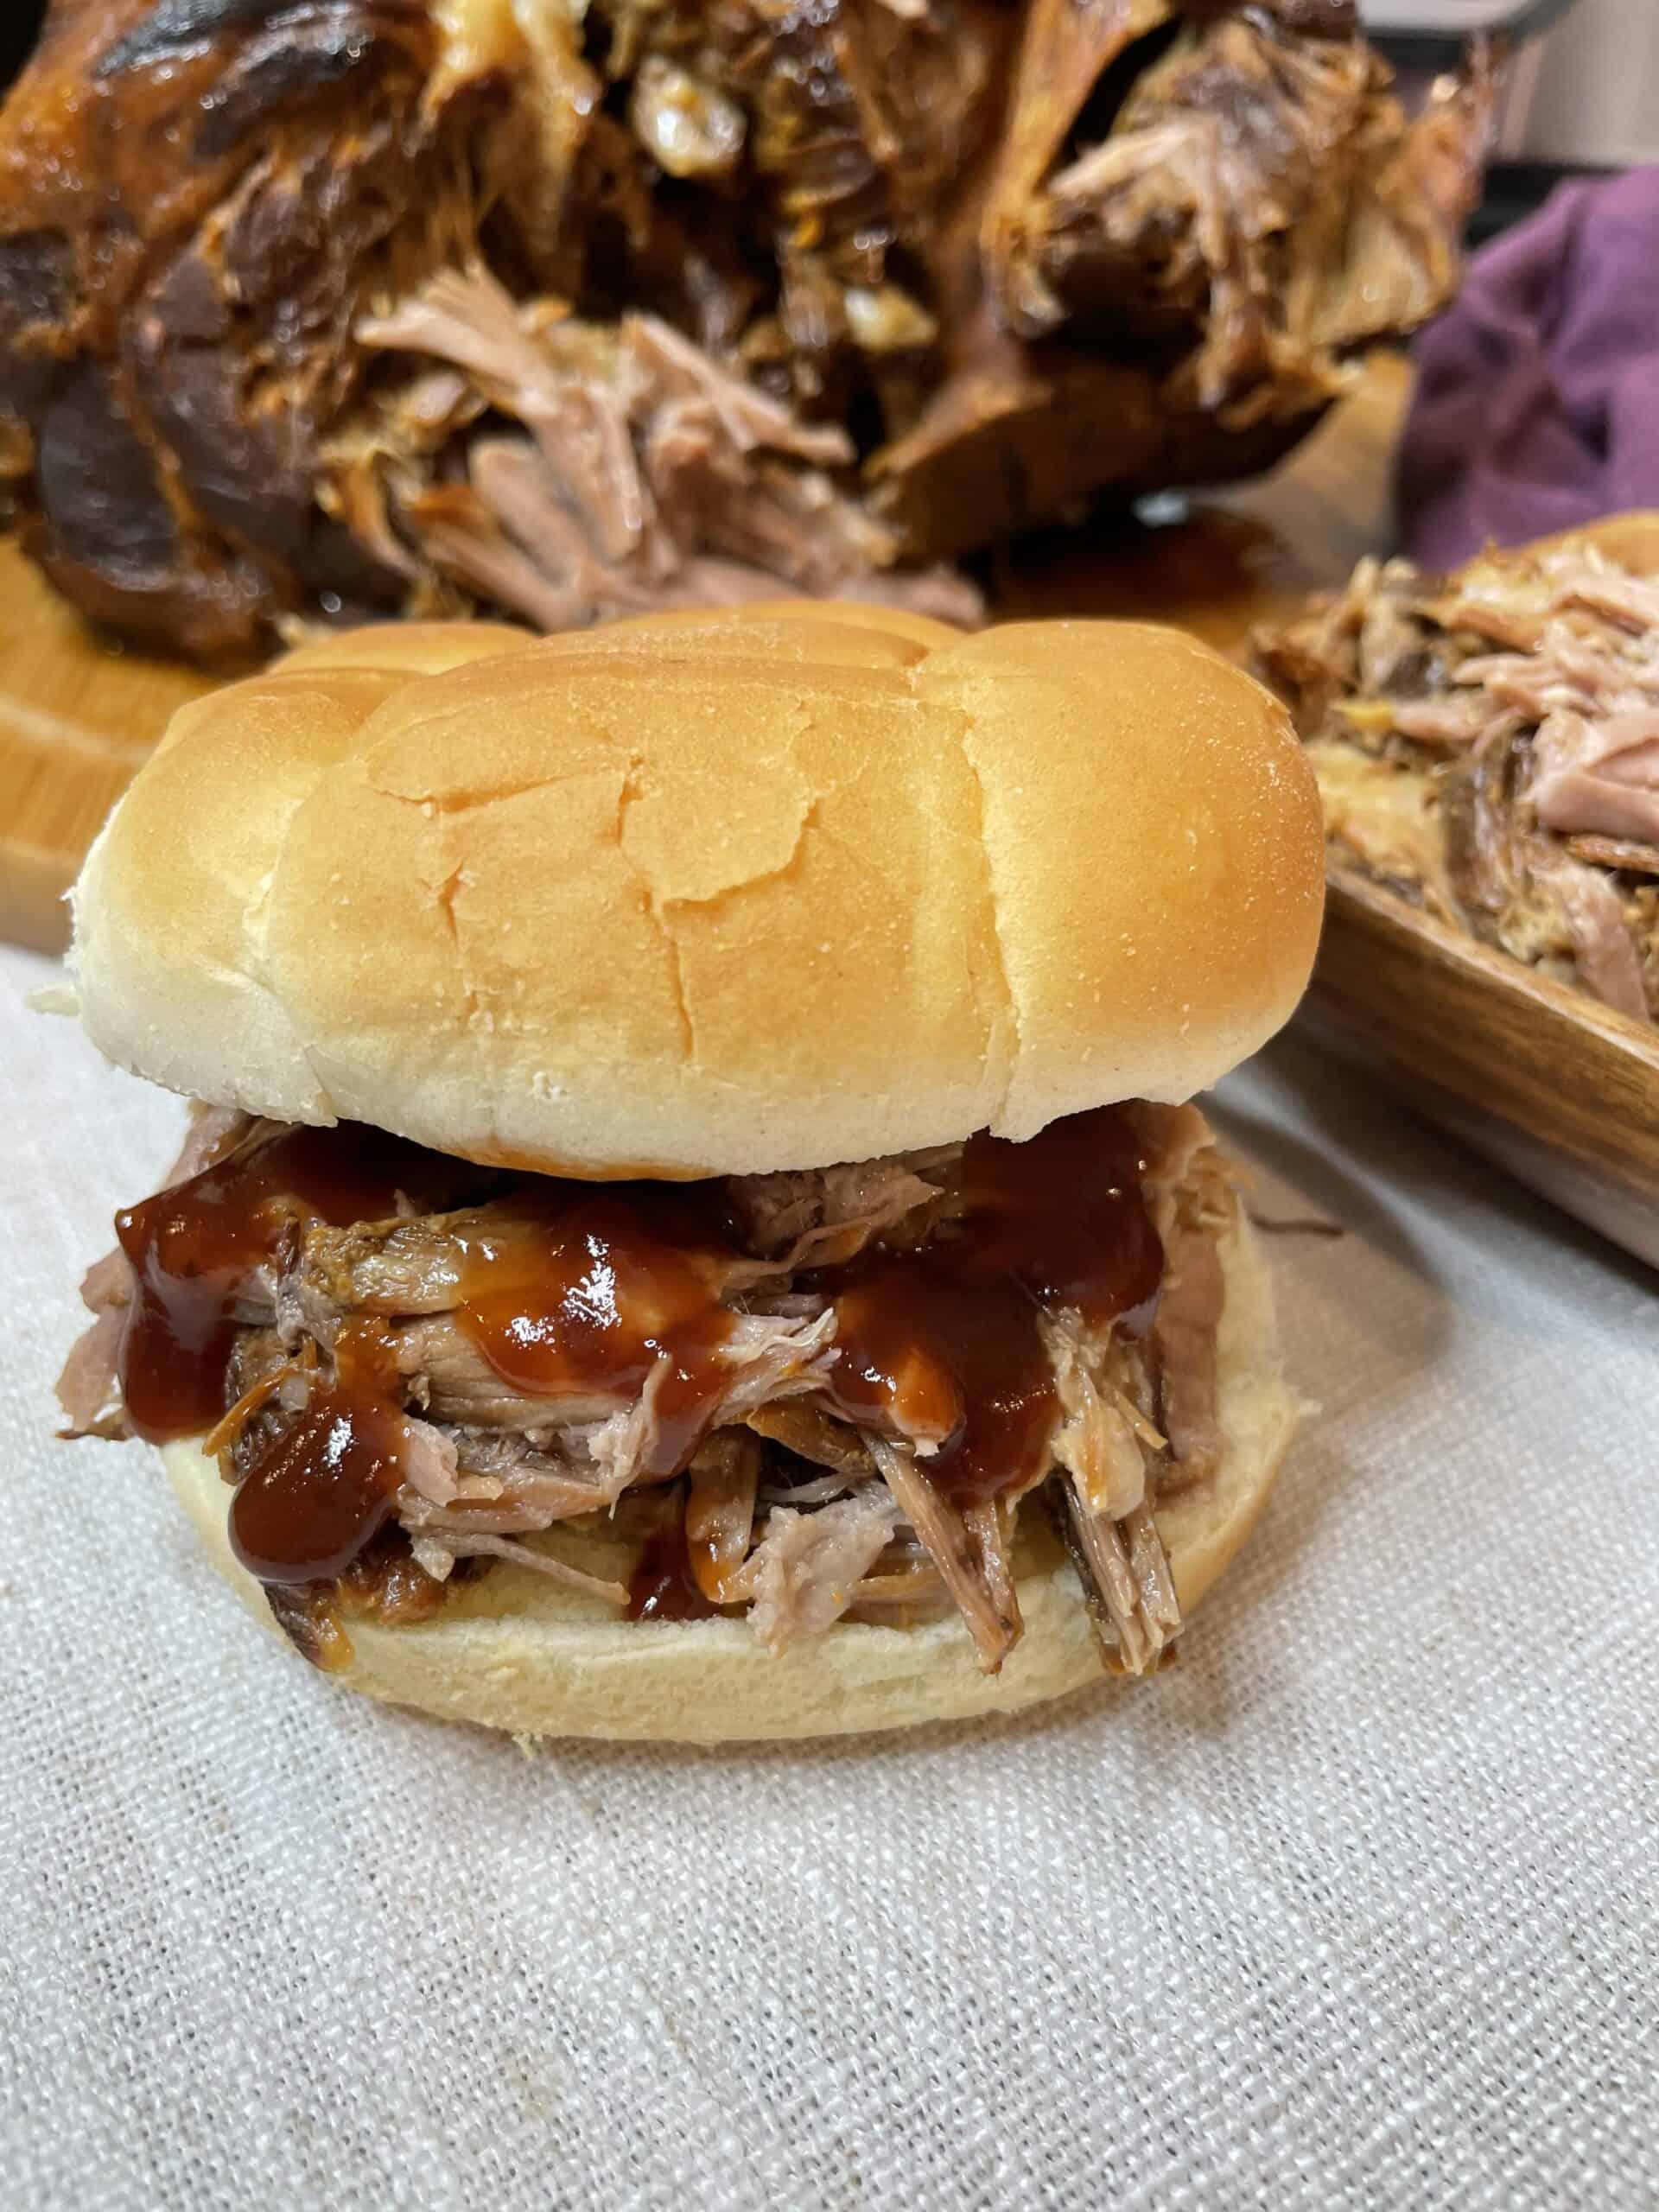 BBQ Shredded Pork Sandwich